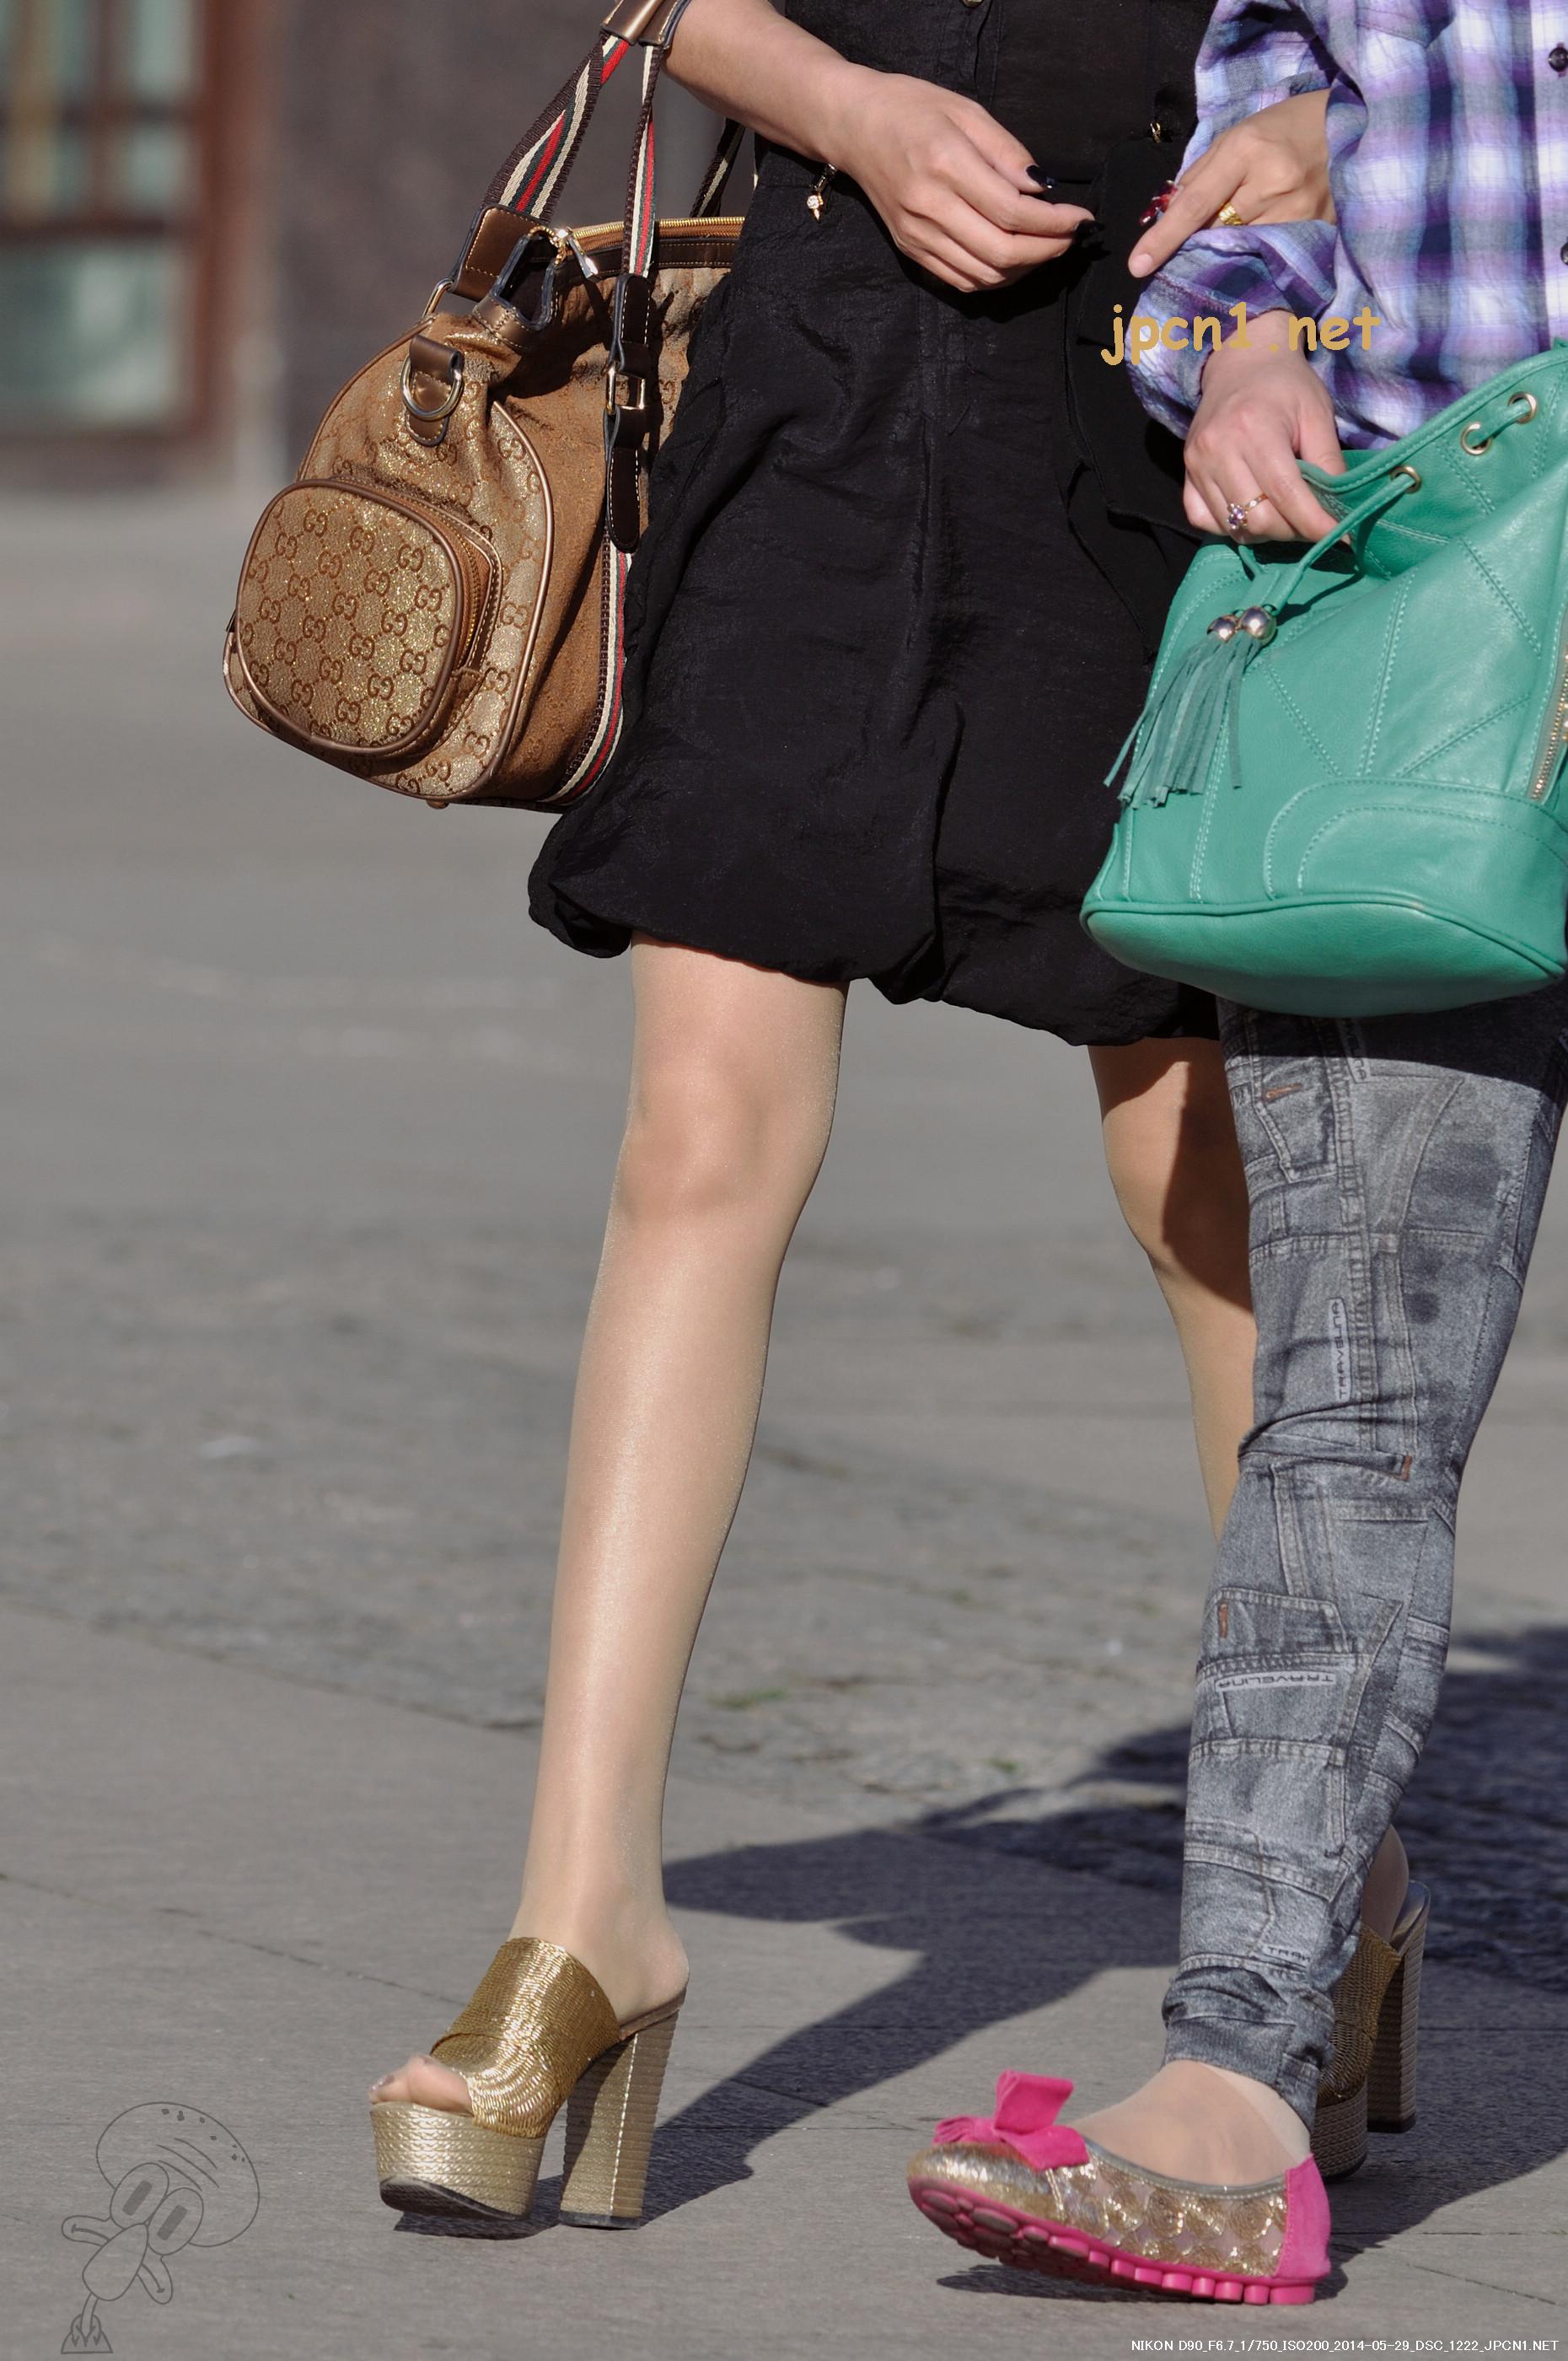 金色编制防水台粗高跟凉拖、无袖黑裙、薄肉丝-13张 - VIP街拍图片发布- 街拍第一站